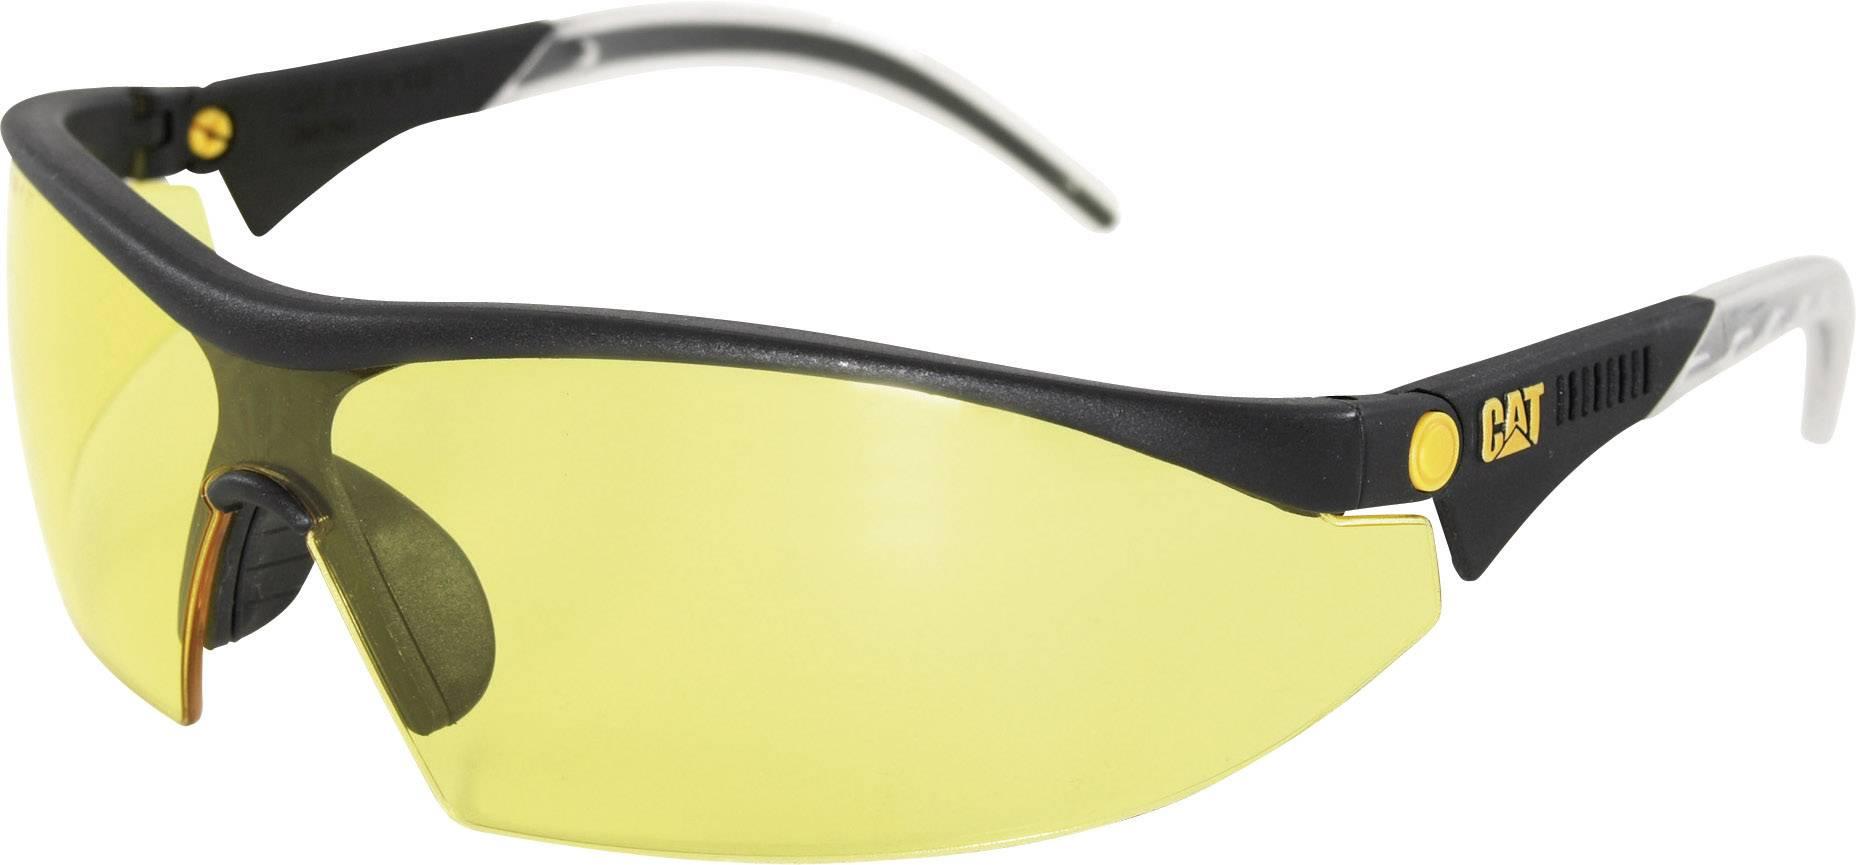 Ochranné brýle CAT Digger 112, žlutá